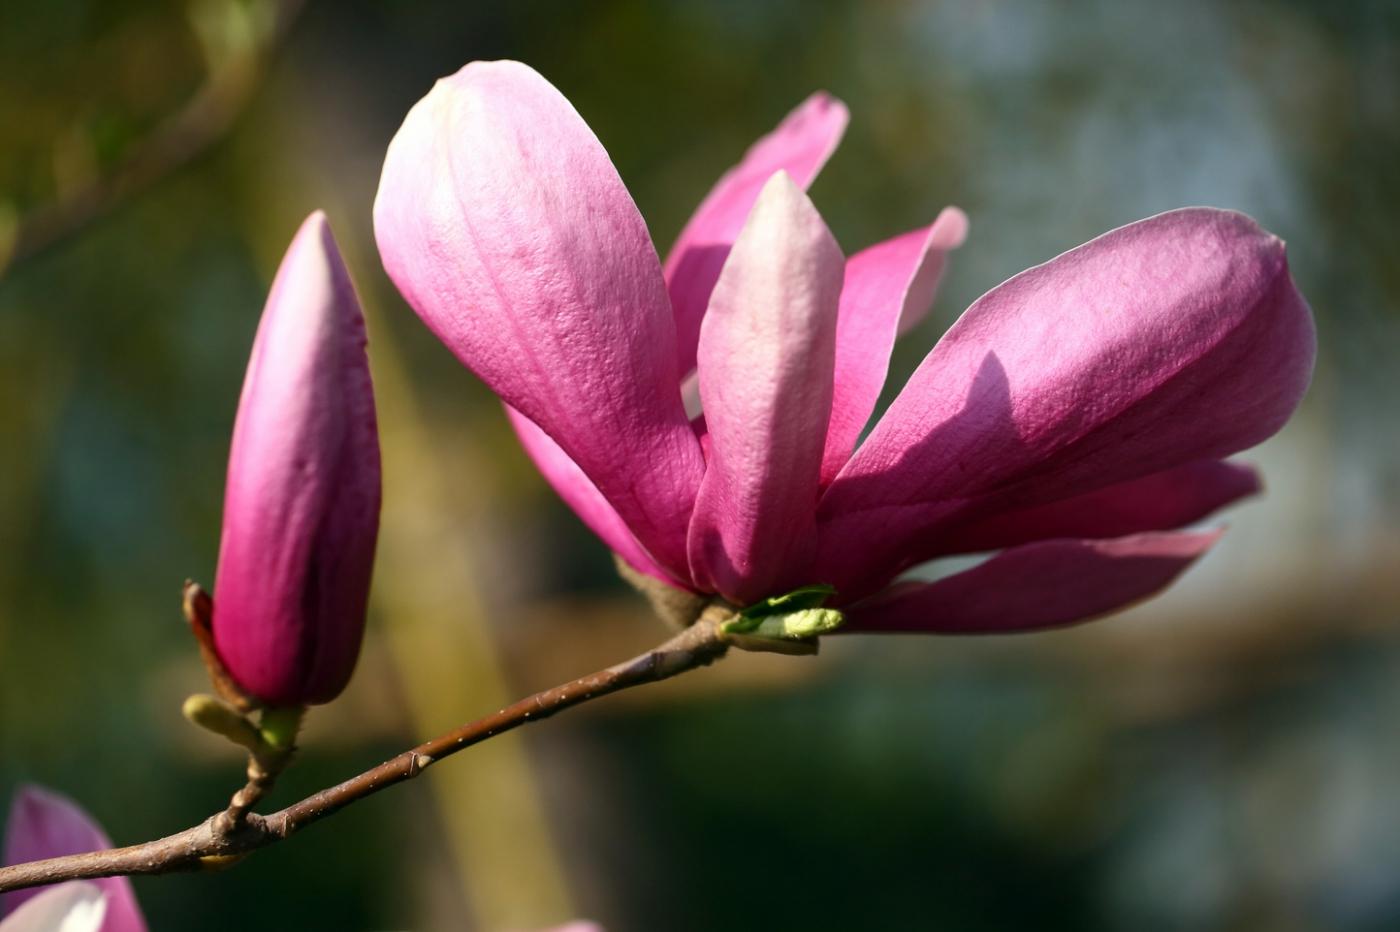 感受春天的节奏_图1-12